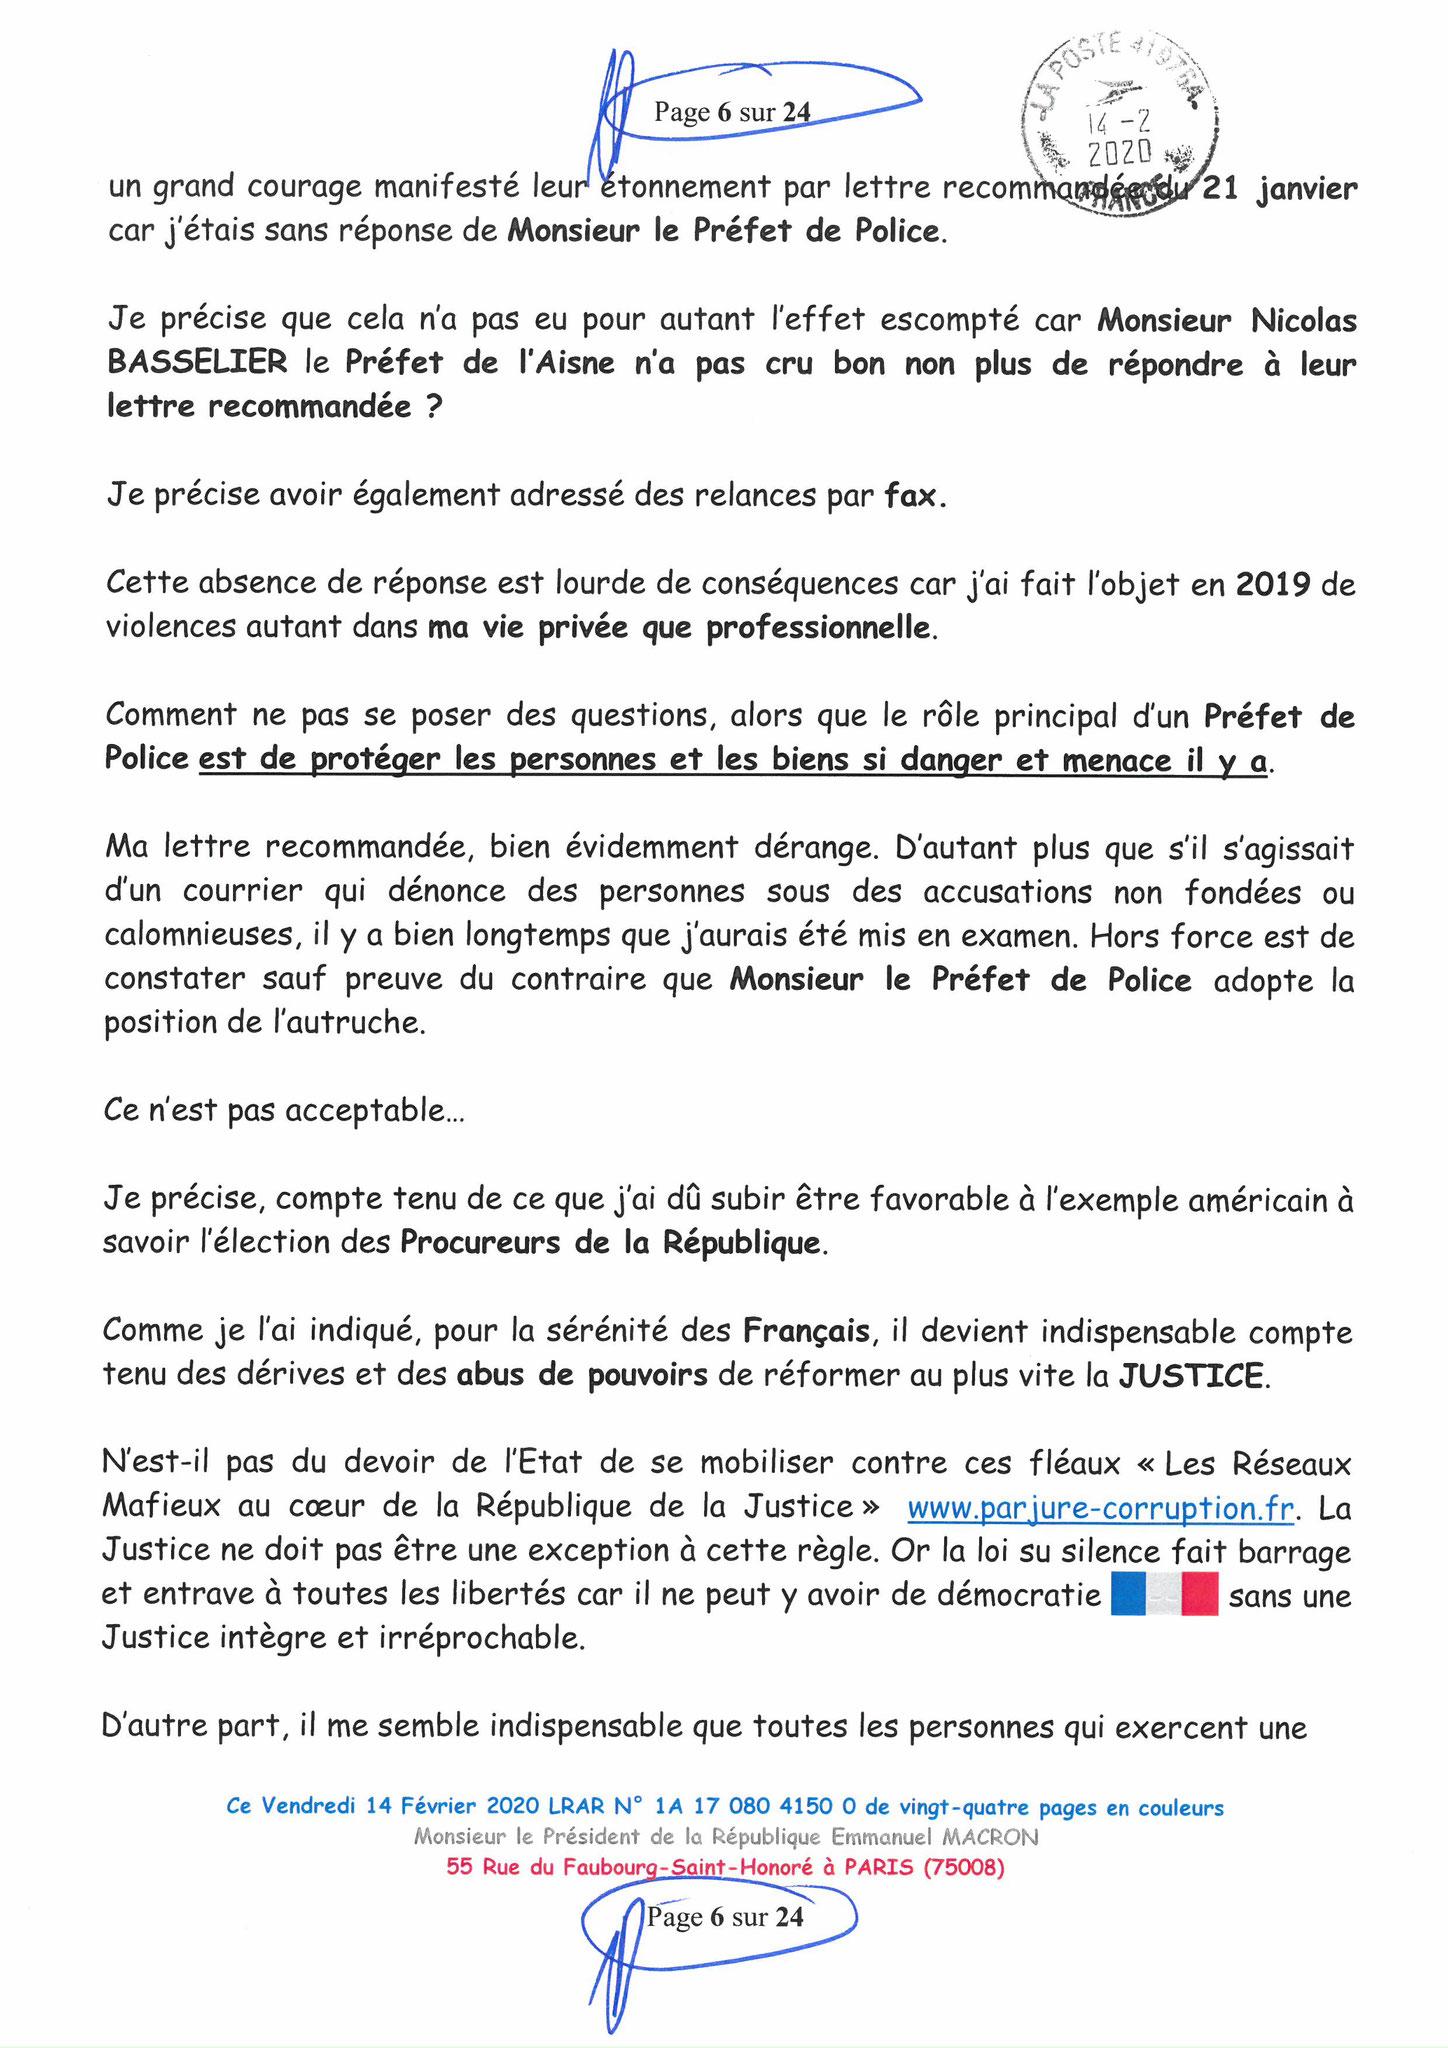 Ma lettre recommandée du 14 Février 2020 N° 1A 178 082 4150 0  page 6 sur 24 en couleur que j'ai adressé à Monsieur Emmanuel MACRON le Président de la République www.jesuispatrick.fr www.jesuisvictime.fr www.alerte-rouge-france.fr